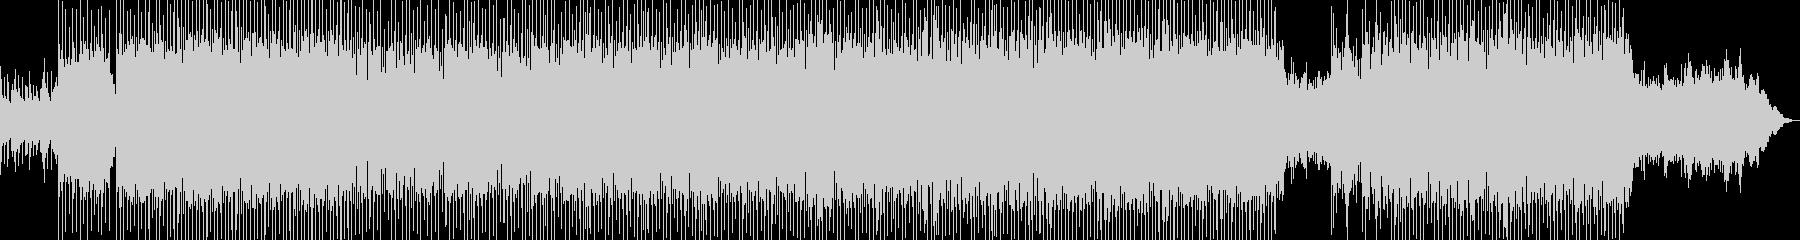 ピアノオルガンのキラキラ楽しいオーケストの未再生の波形